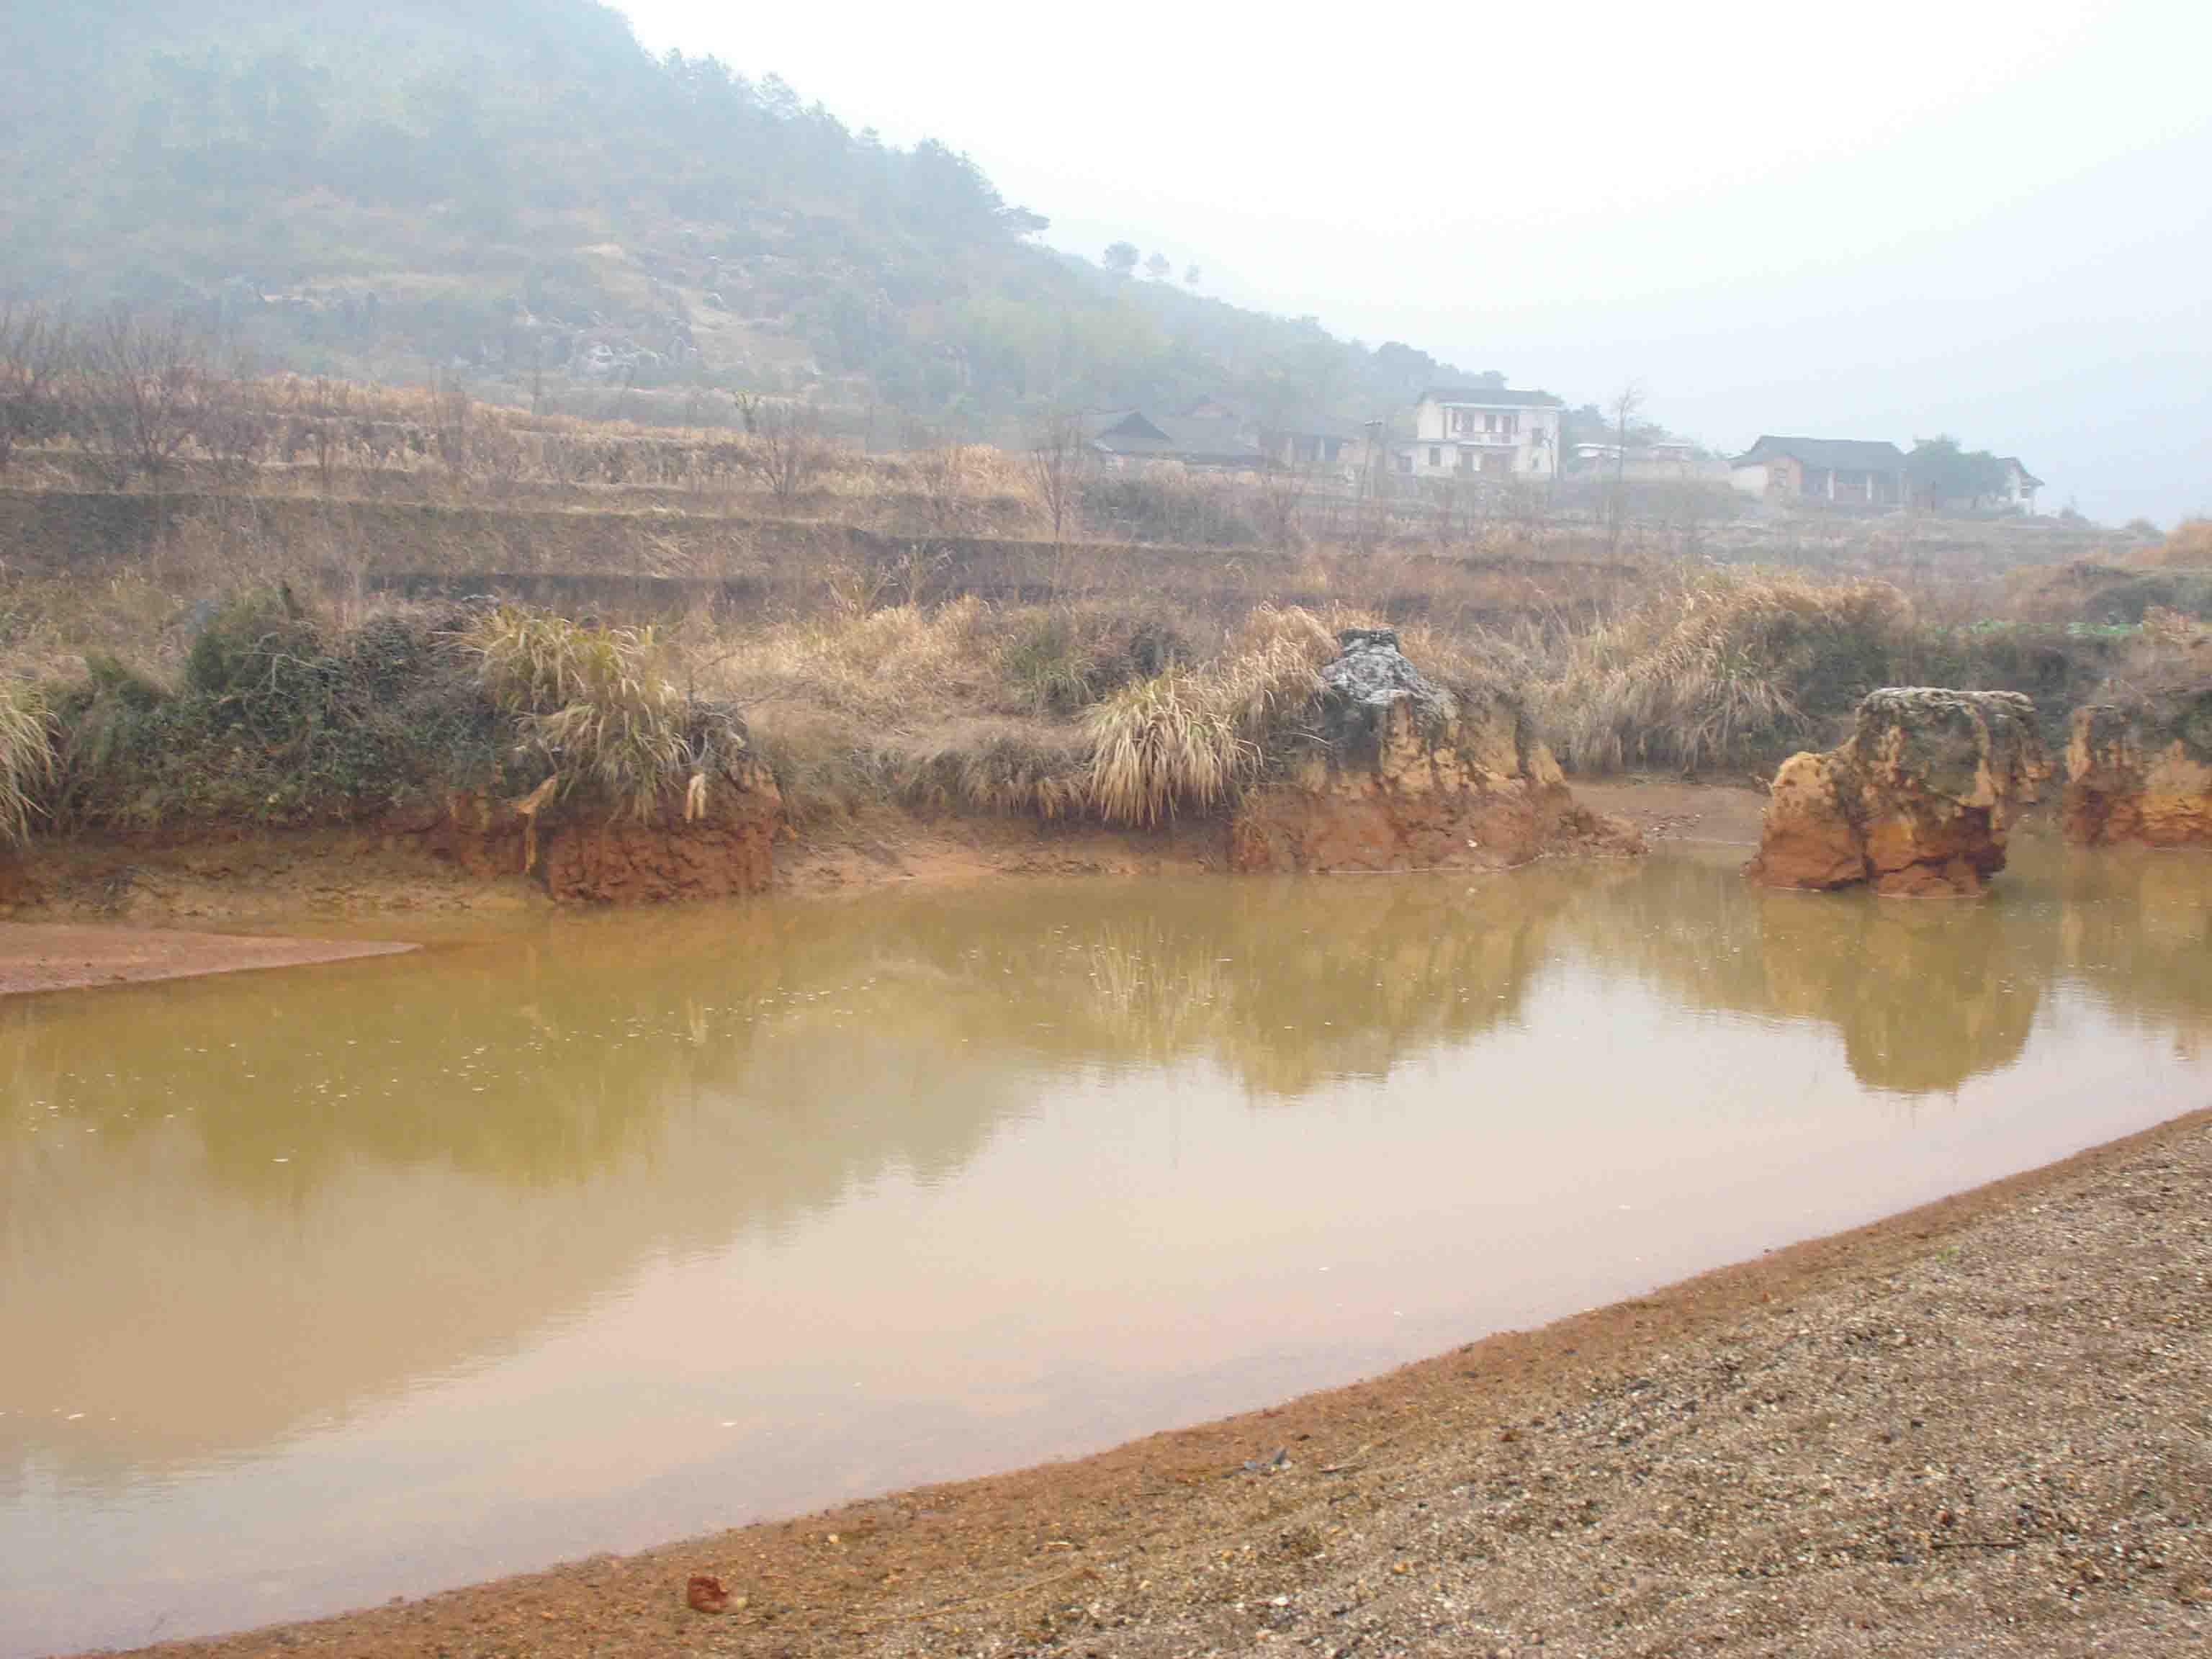 溆浦縣 環保環境    椒板溪是溆水的一條重要支流,流經溆浦縣舒溶溪鄉